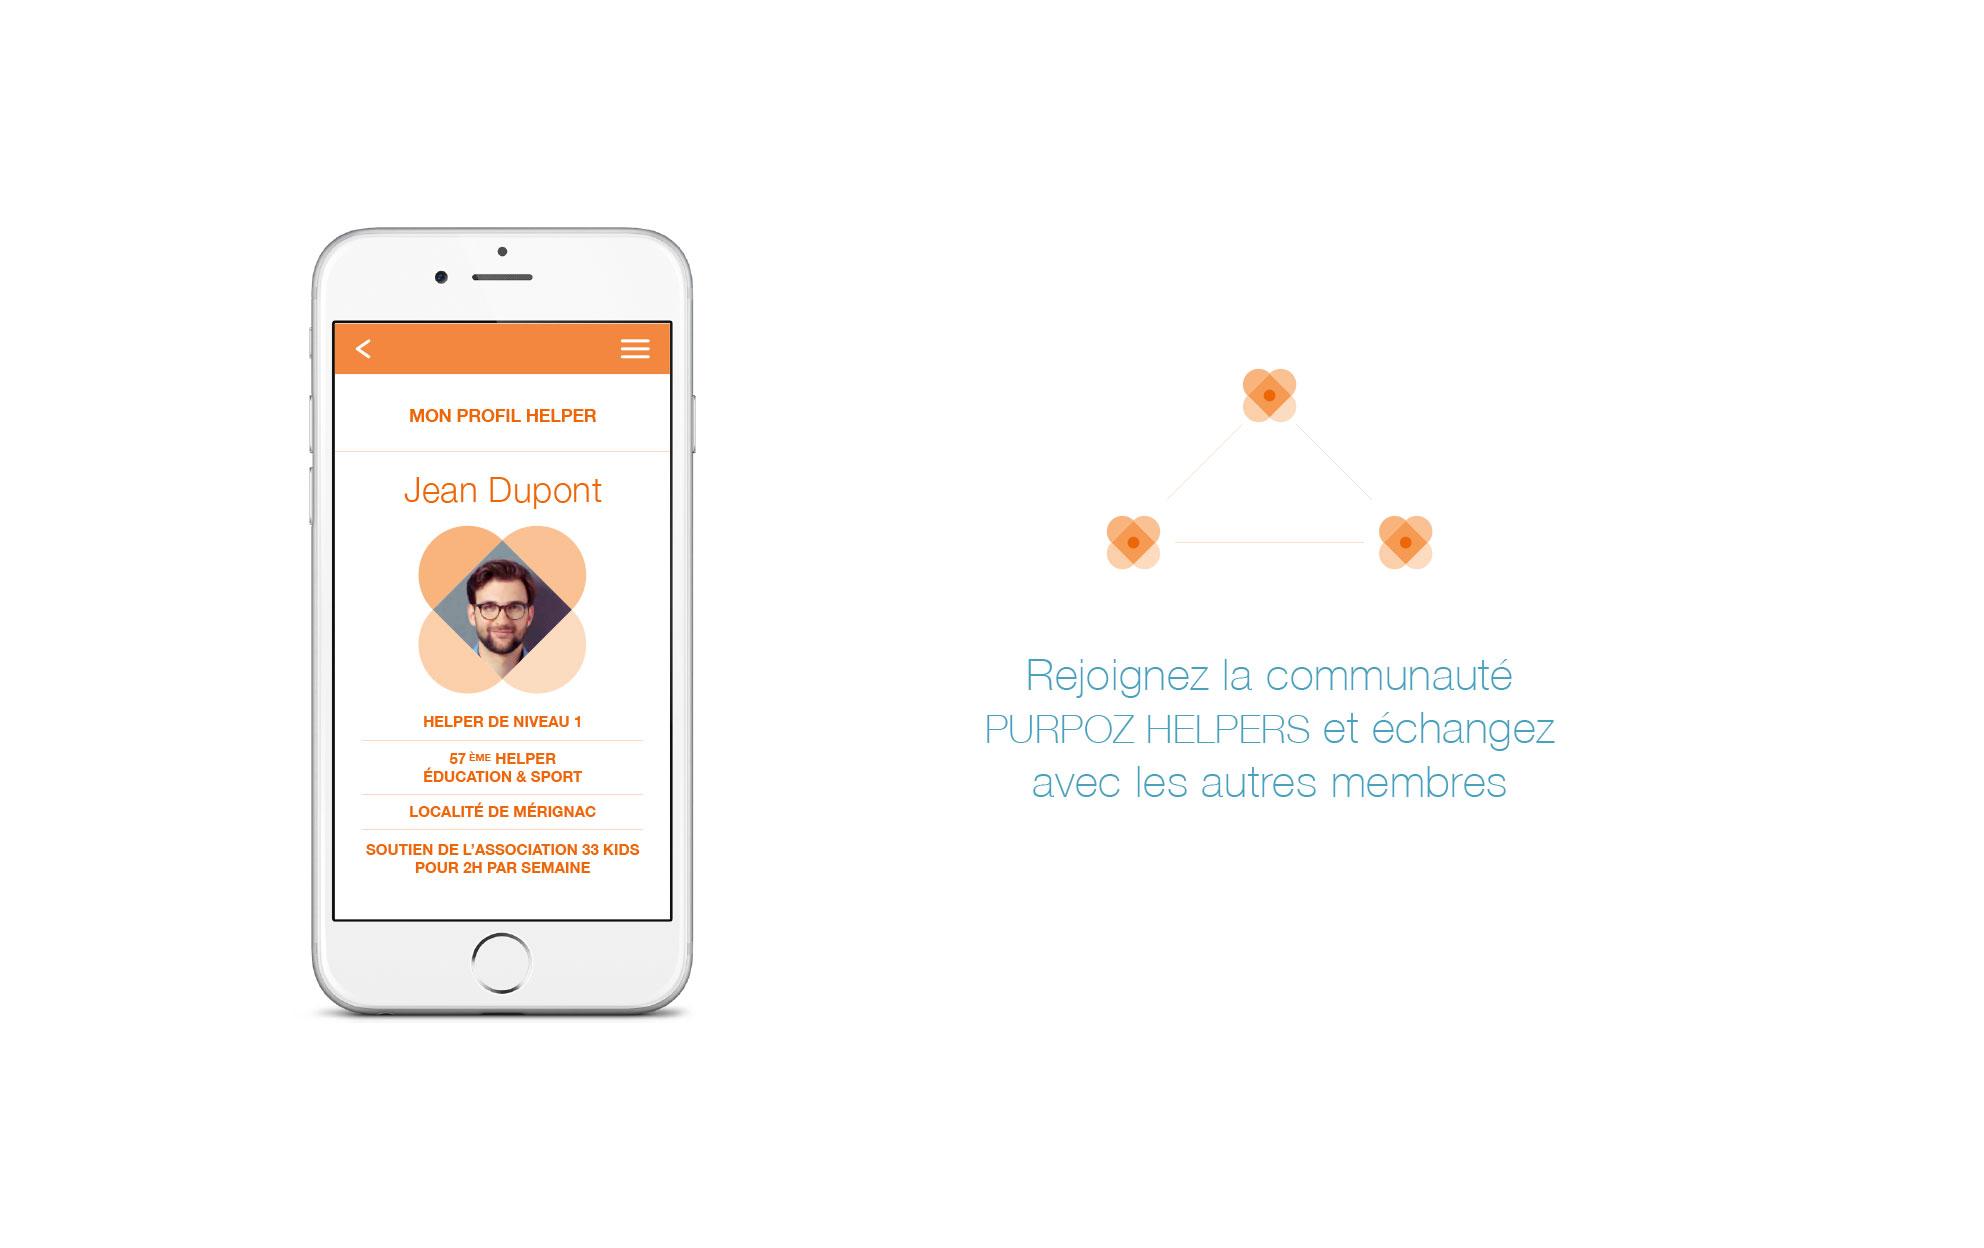 creation-design-graphique-identite-visuelle-naming-logo-digital-application-participative-nico-nico-nicolas-vignais-designer-graphique-independant-identite-visuelle-packaging-bordeaux-france-7